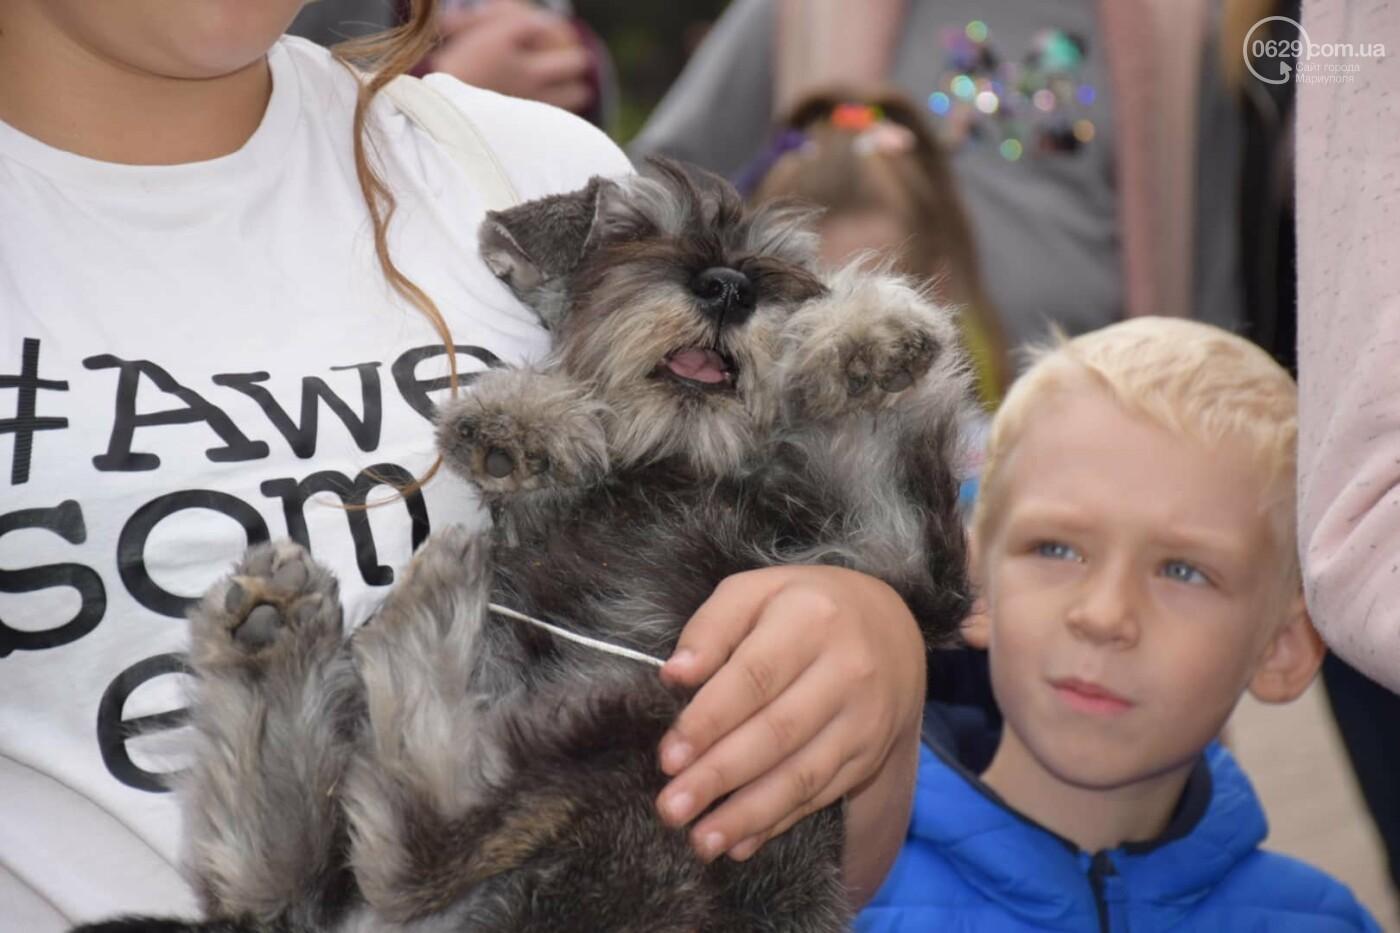 В Мариуполе выбрали лучшую собаку осени, - ФОТОРЕПОРТАЖ, фото-1